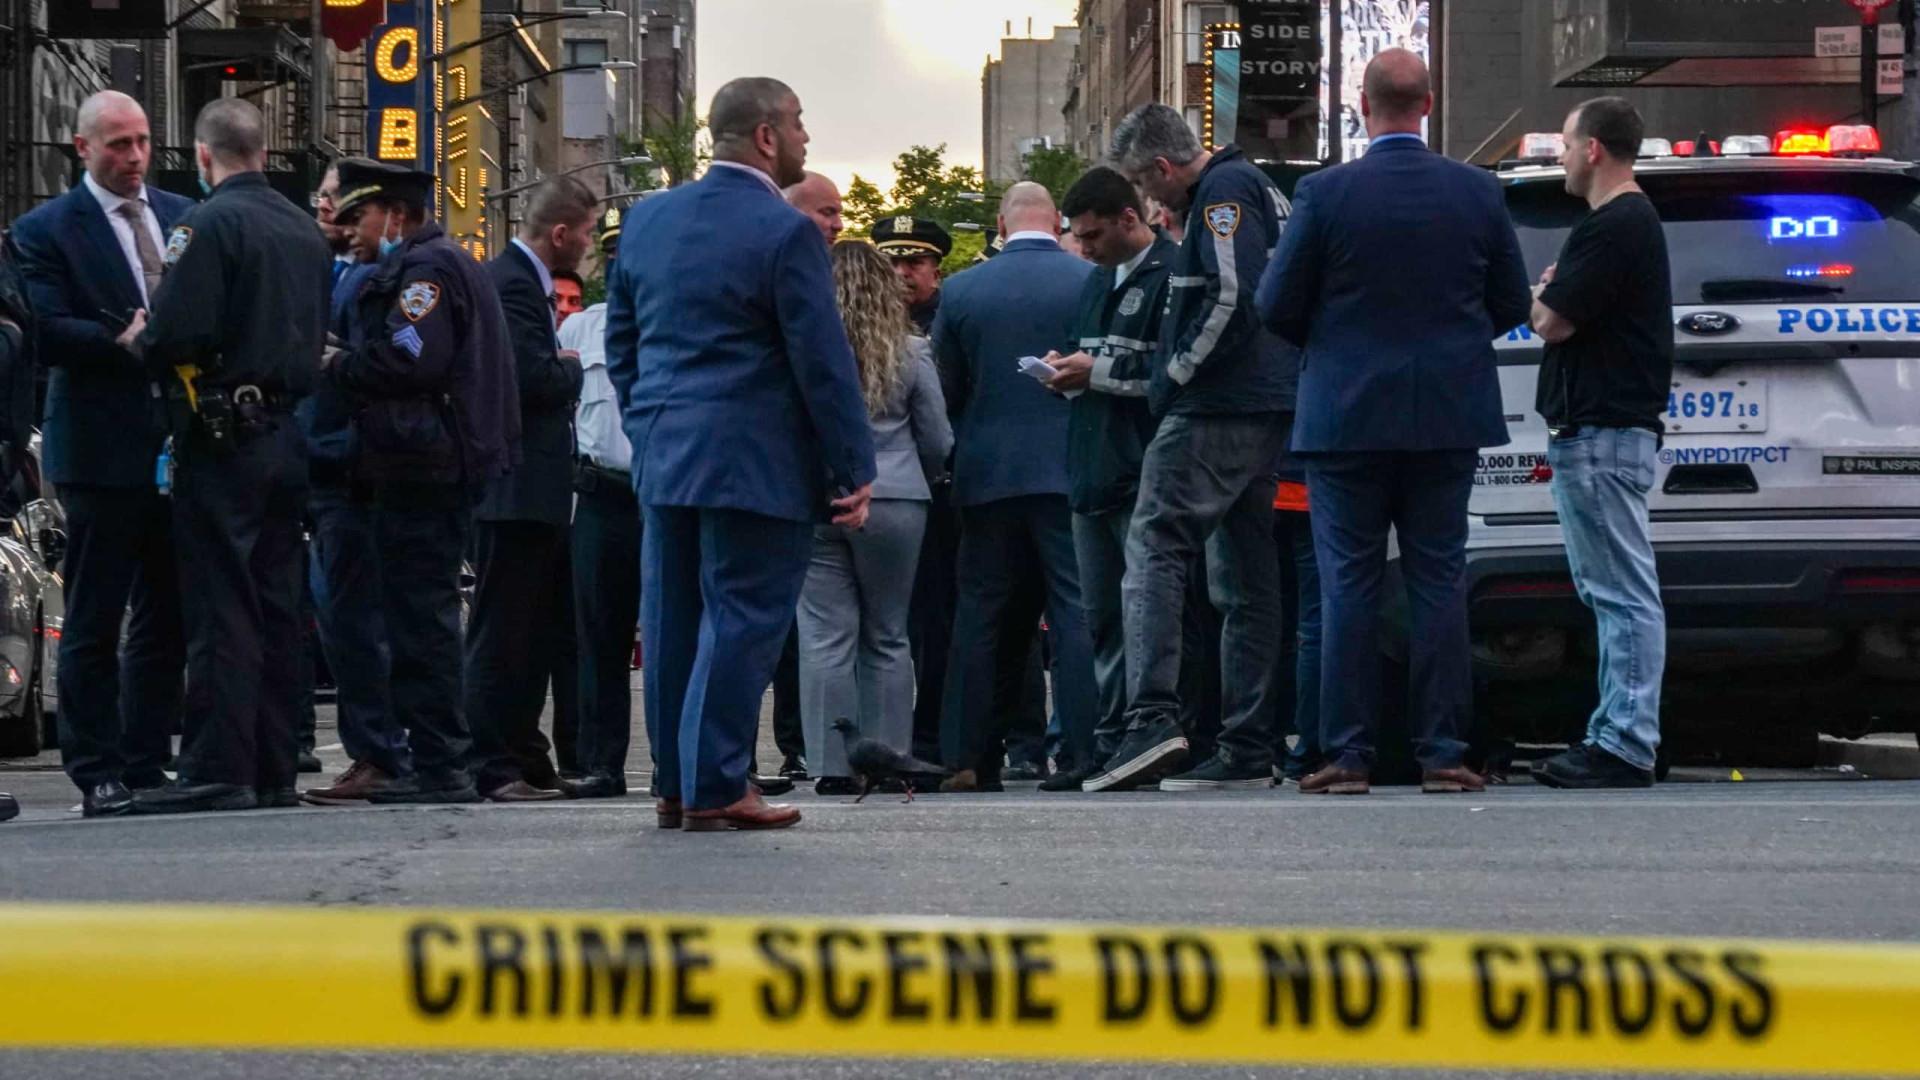 Briga com tiros na Times Square fere 3, incluindo menina de 4 anos